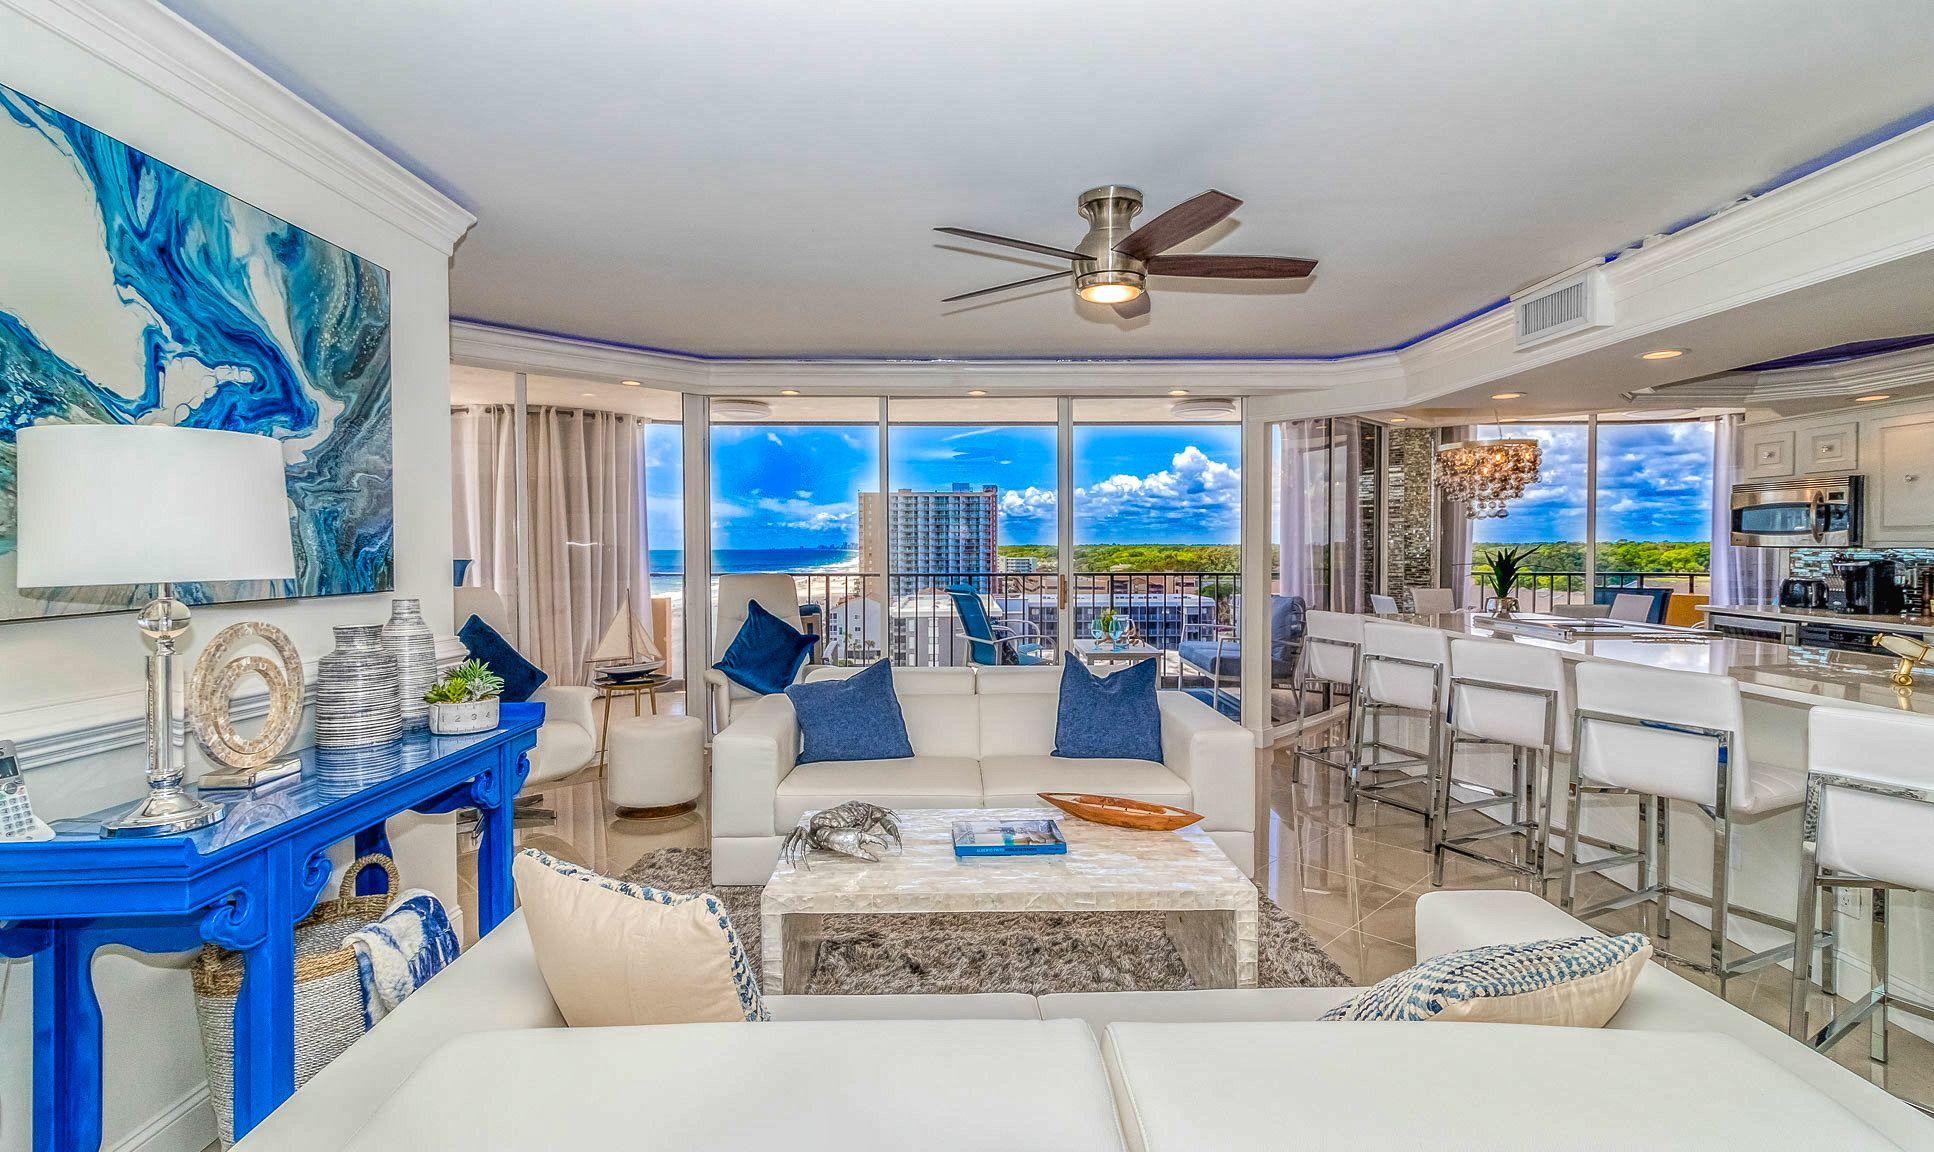 3. Grand Room with Ocean Views VRBO